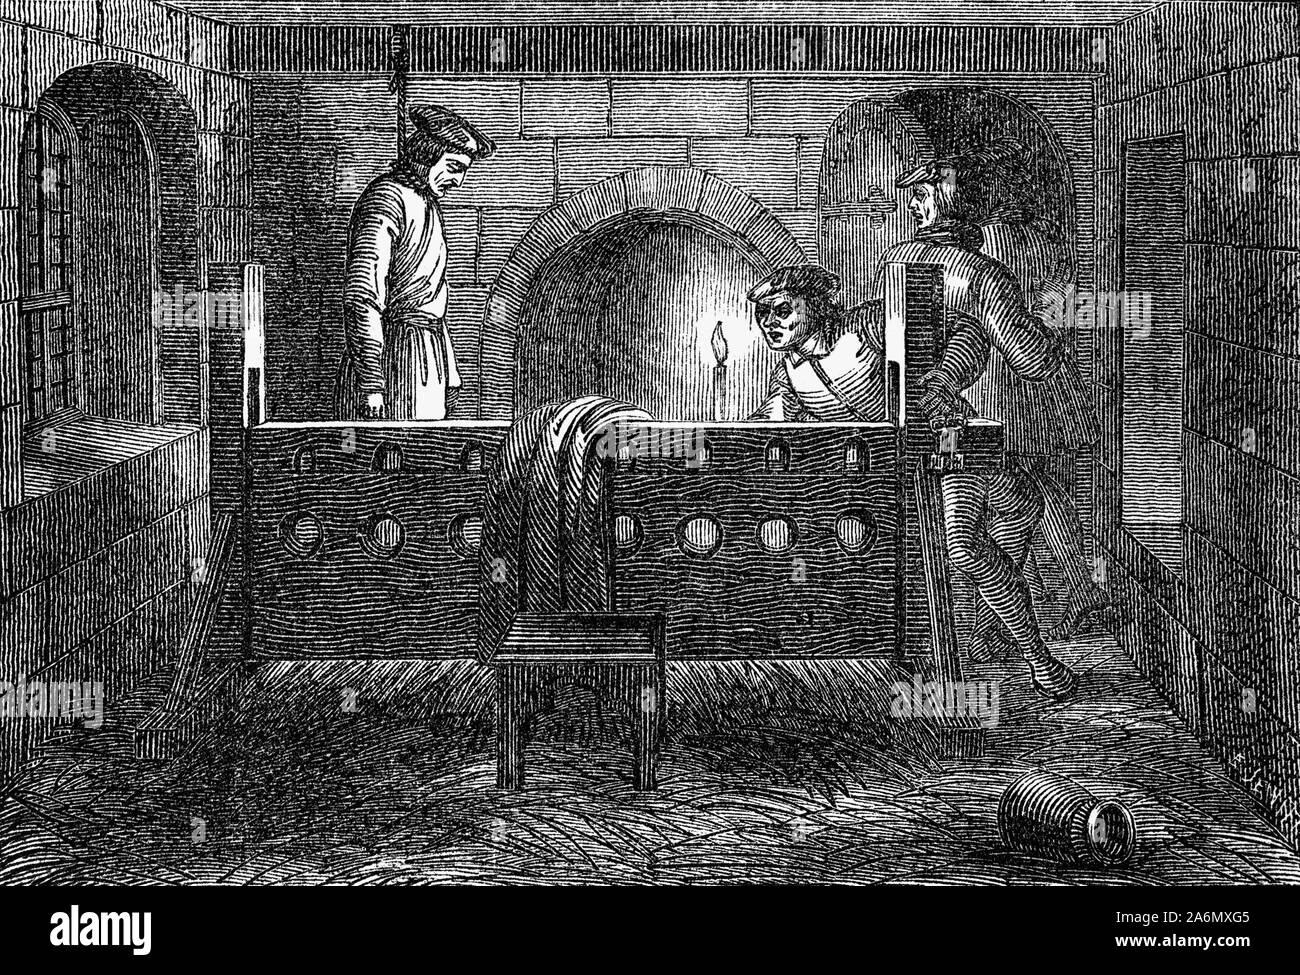 Richard Hunne fue un comerciante inglés sastre en la ciudad de Londres durante los primeros años del reinado de Enrique VIII. Tras una disputa con su sacerdote durante el funeral de su pequeño hijo, Hunne trató de utilizar los tribunales de derecho común inglés a desafiar la autoridad de la iglesia. En respuesta, funcionarios de la iglesia lo arrestaron a juicio en un tribunal eclesiástico en el requerimiento de capital de la herejía. En diciembre de 1514, mientras esperaba el juicio, Hunne fue encontrado muerto en su celda, y el asesinato cometido por funcionarios de la iglesia era sospechoso. Su muerte provocó la ira contra el clero, y meses de políticos y religiosos turmoi Foto de stock